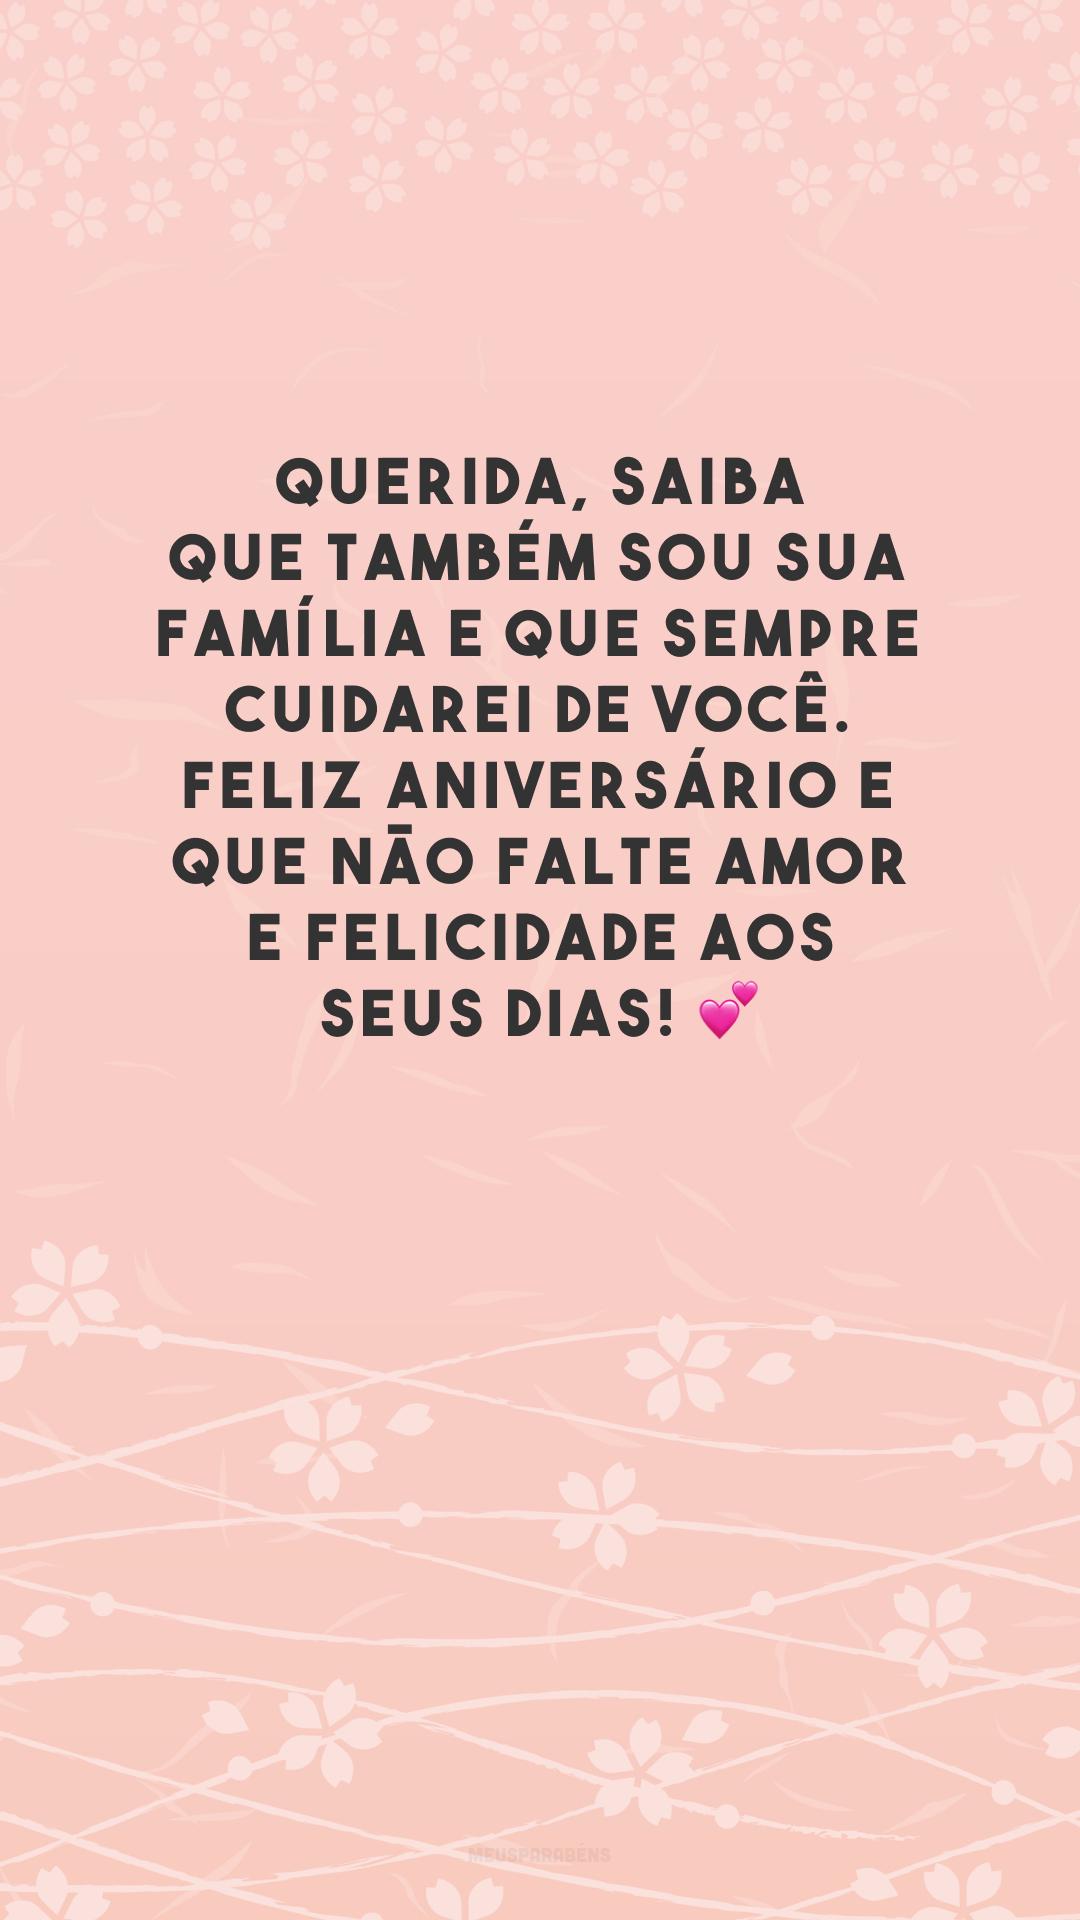 Querida, saiba que também sou sua família e que sempre cuidarei de você. Feliz aniversário e que não falte amor e felicidade aos seus dias! 💕